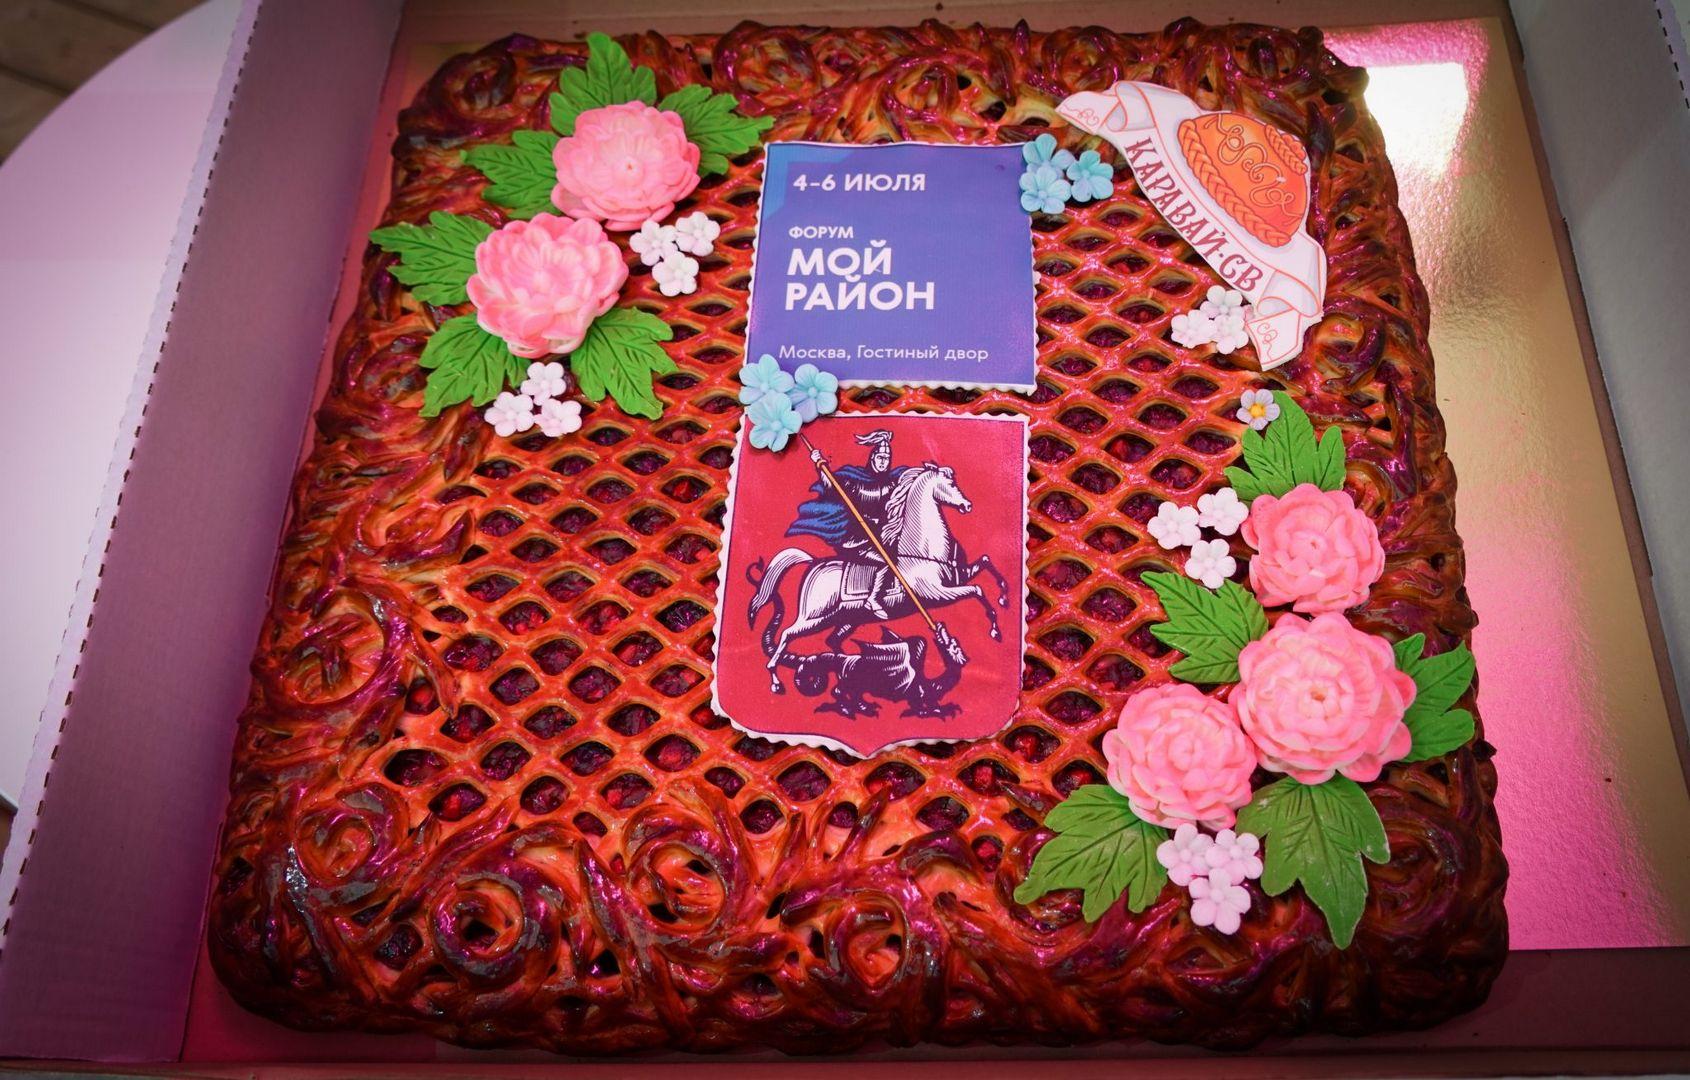 Мой район, Гостиный двор, форум, пирог, торт